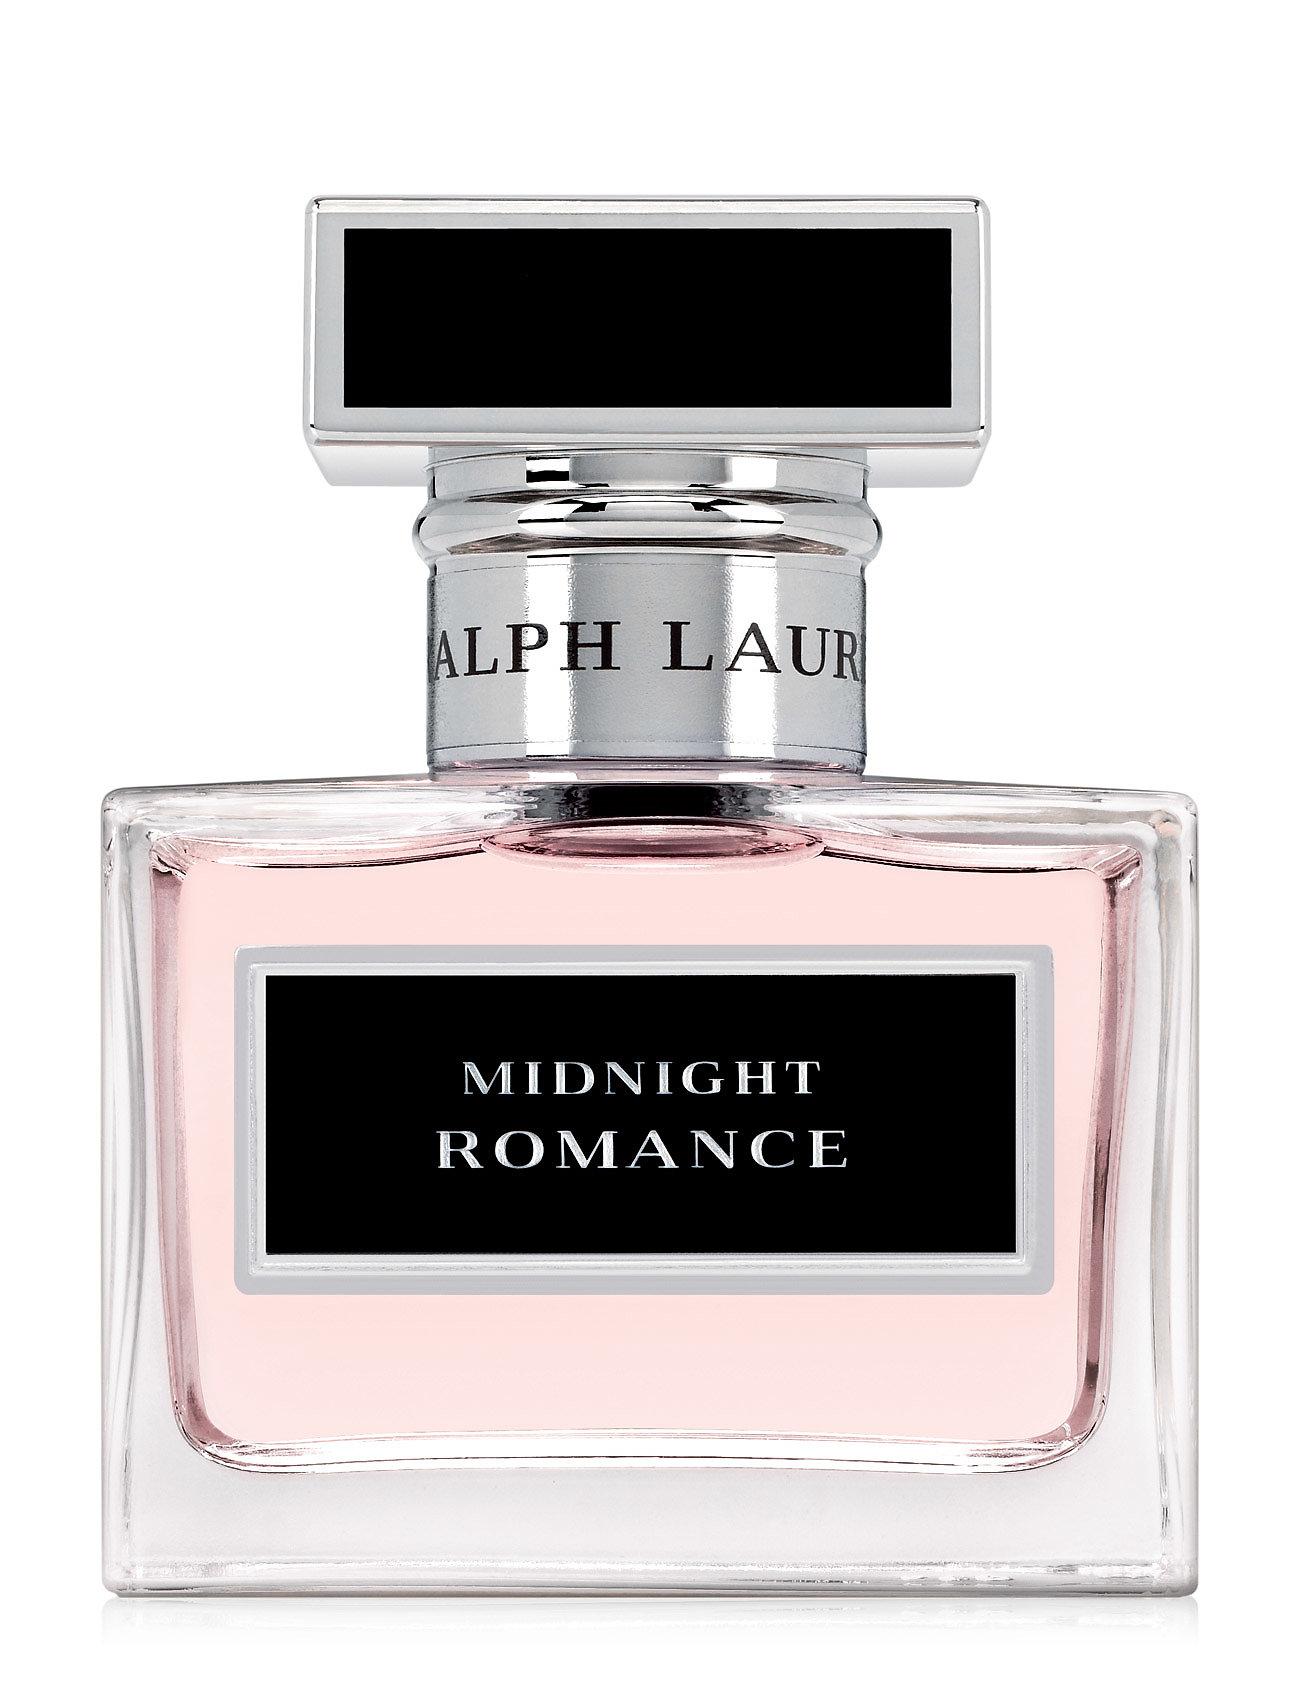 Midnight romance eau de toilette 30 ml fra ralph lauren fra boozt.com dk